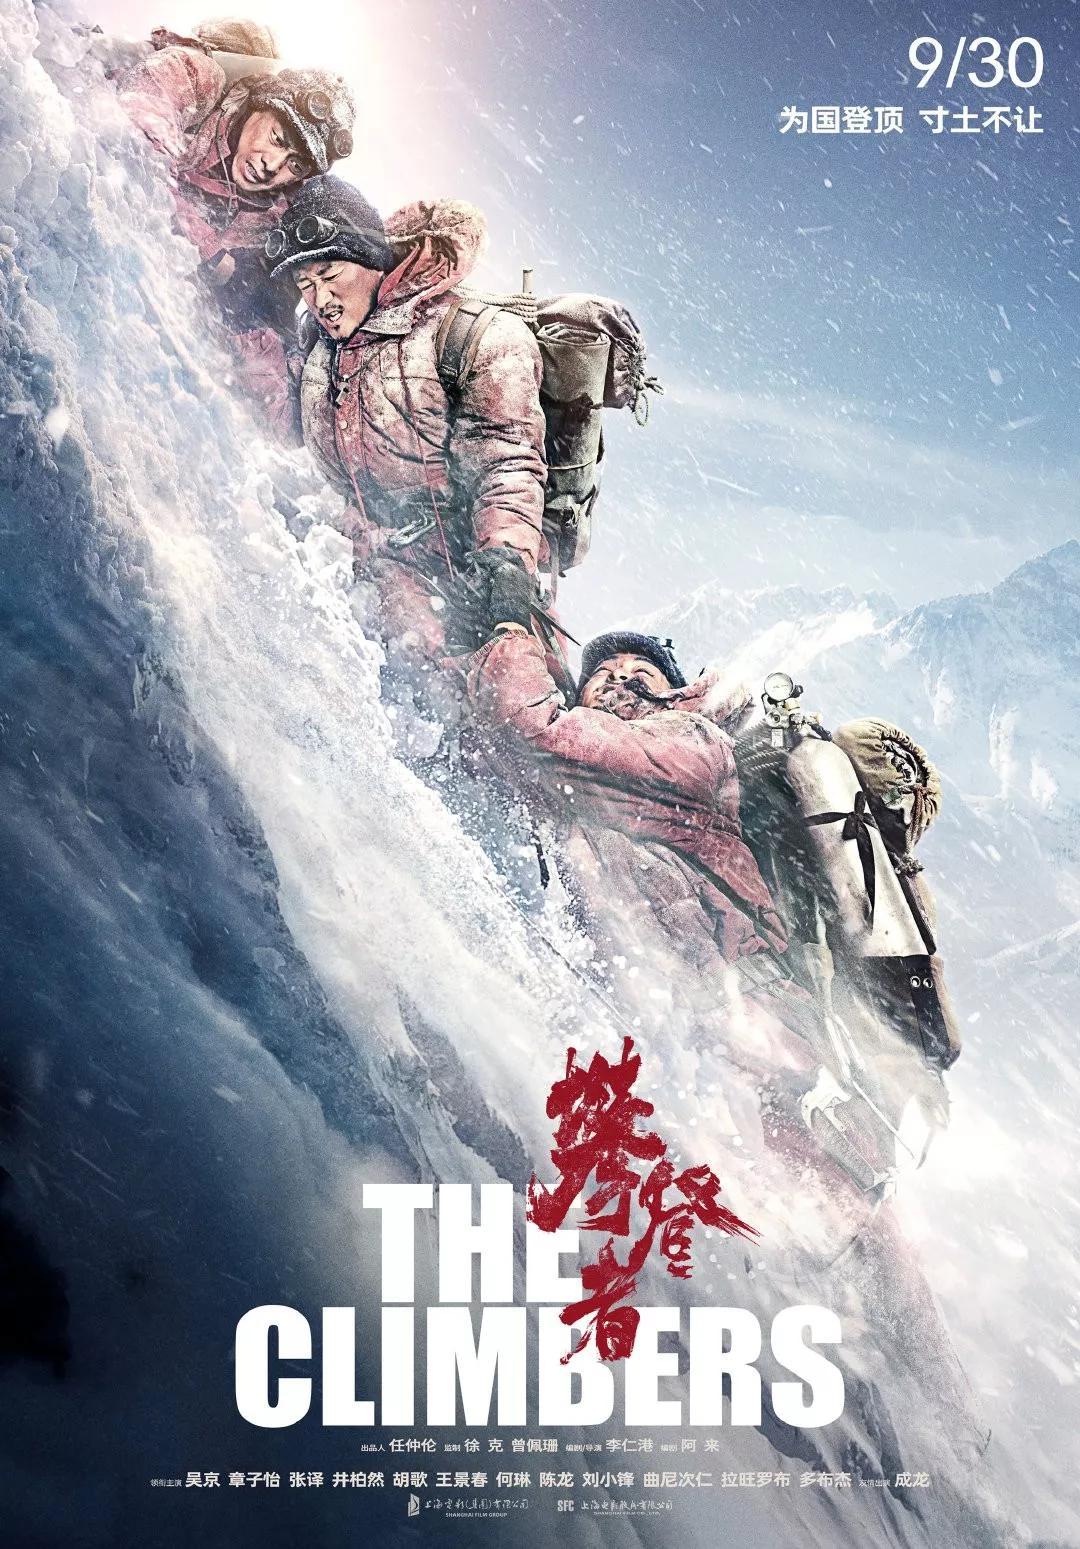 电影《攀登者》原型事件故事 攀登者李国梁原型登顶几人?